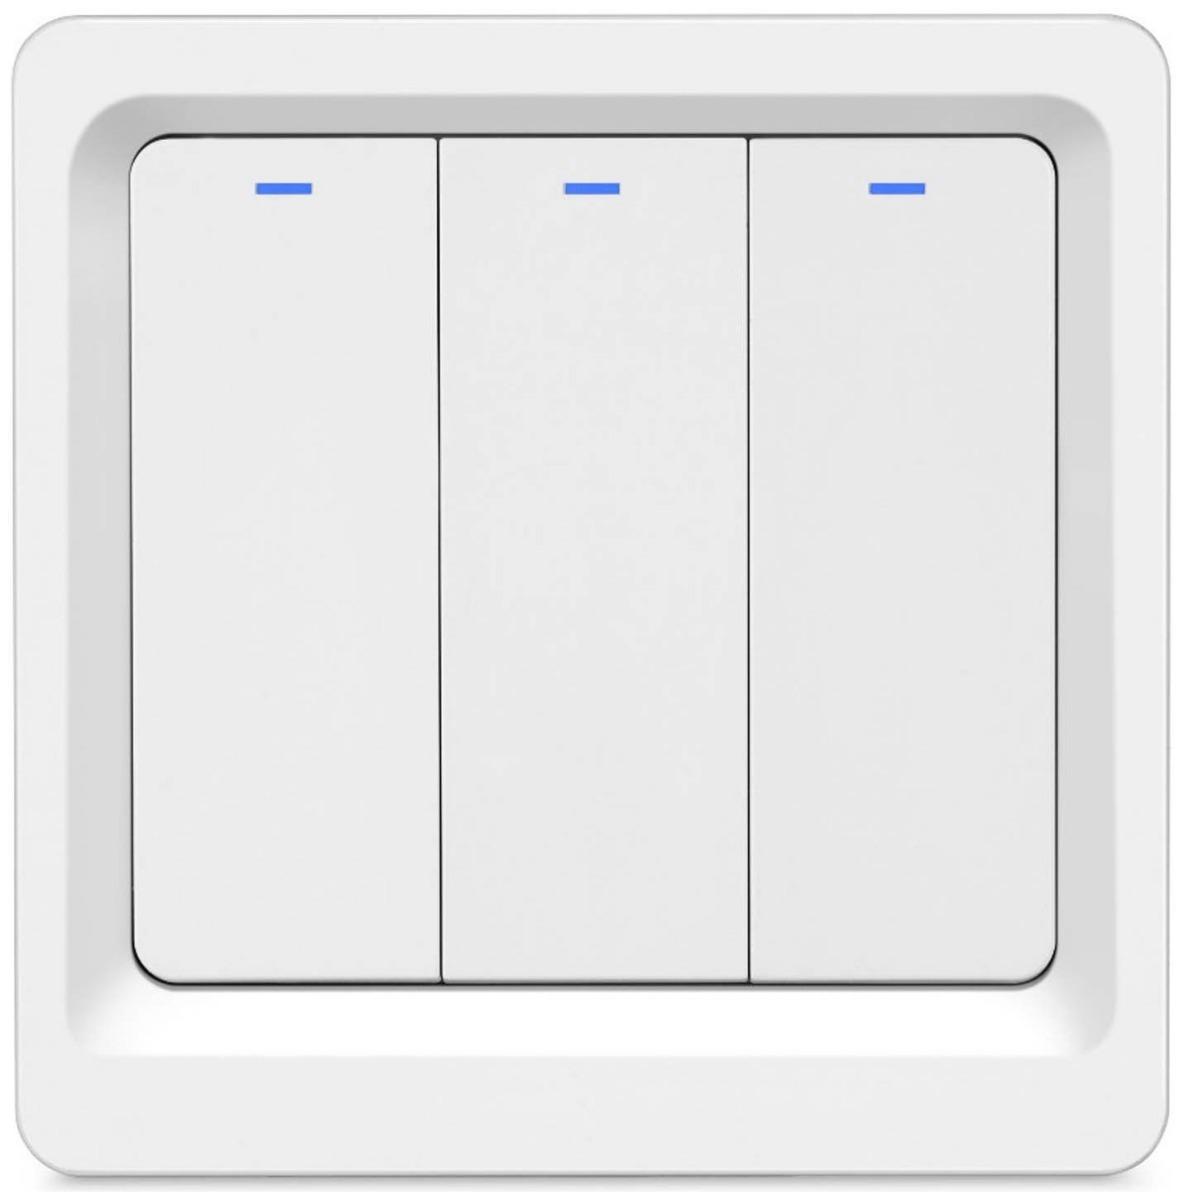 Умный встраиваемый Wi-Fi выключатель Hiper IoT Switch B03 (HDY-SB03)